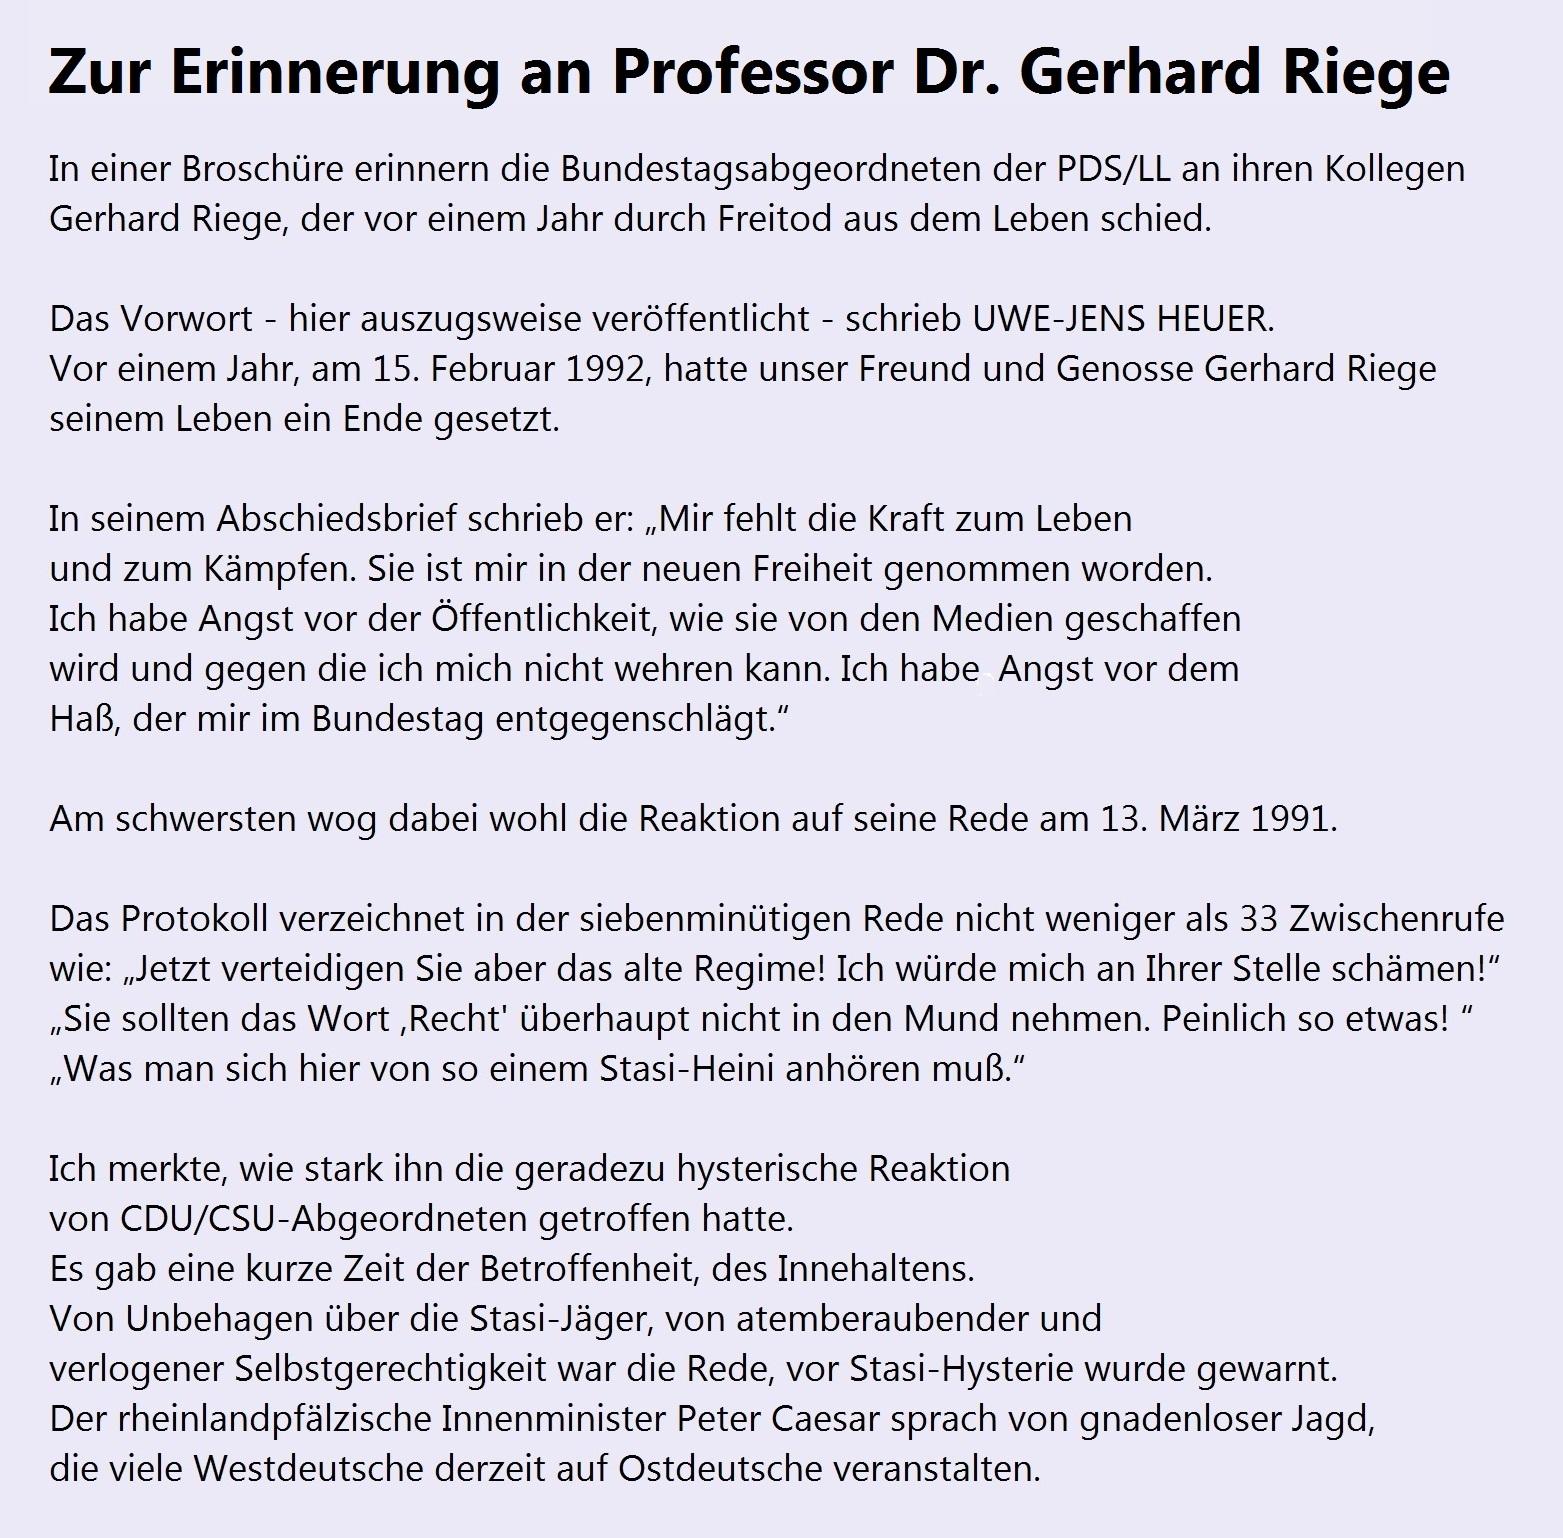 Zum Erinnerung an Professor Dr. Gerhard Riege - Professor Dr. Gerhard Riege,  * 23. Mai 1930 in Gräfenroda  †  15. Februar 1992 in Geunitz,  ehemaliger Dekan der Gesellschaftswissenschaftlichen Fakultät der Friedrich-Schiller-Universität Jena, konnte den enormen psychischen Druck, dem er im Zusammenhang mit der Stasihexenjagd ausgesetzt war,  nicht mehr ertragen. Er wählte 1992 den Freitod.